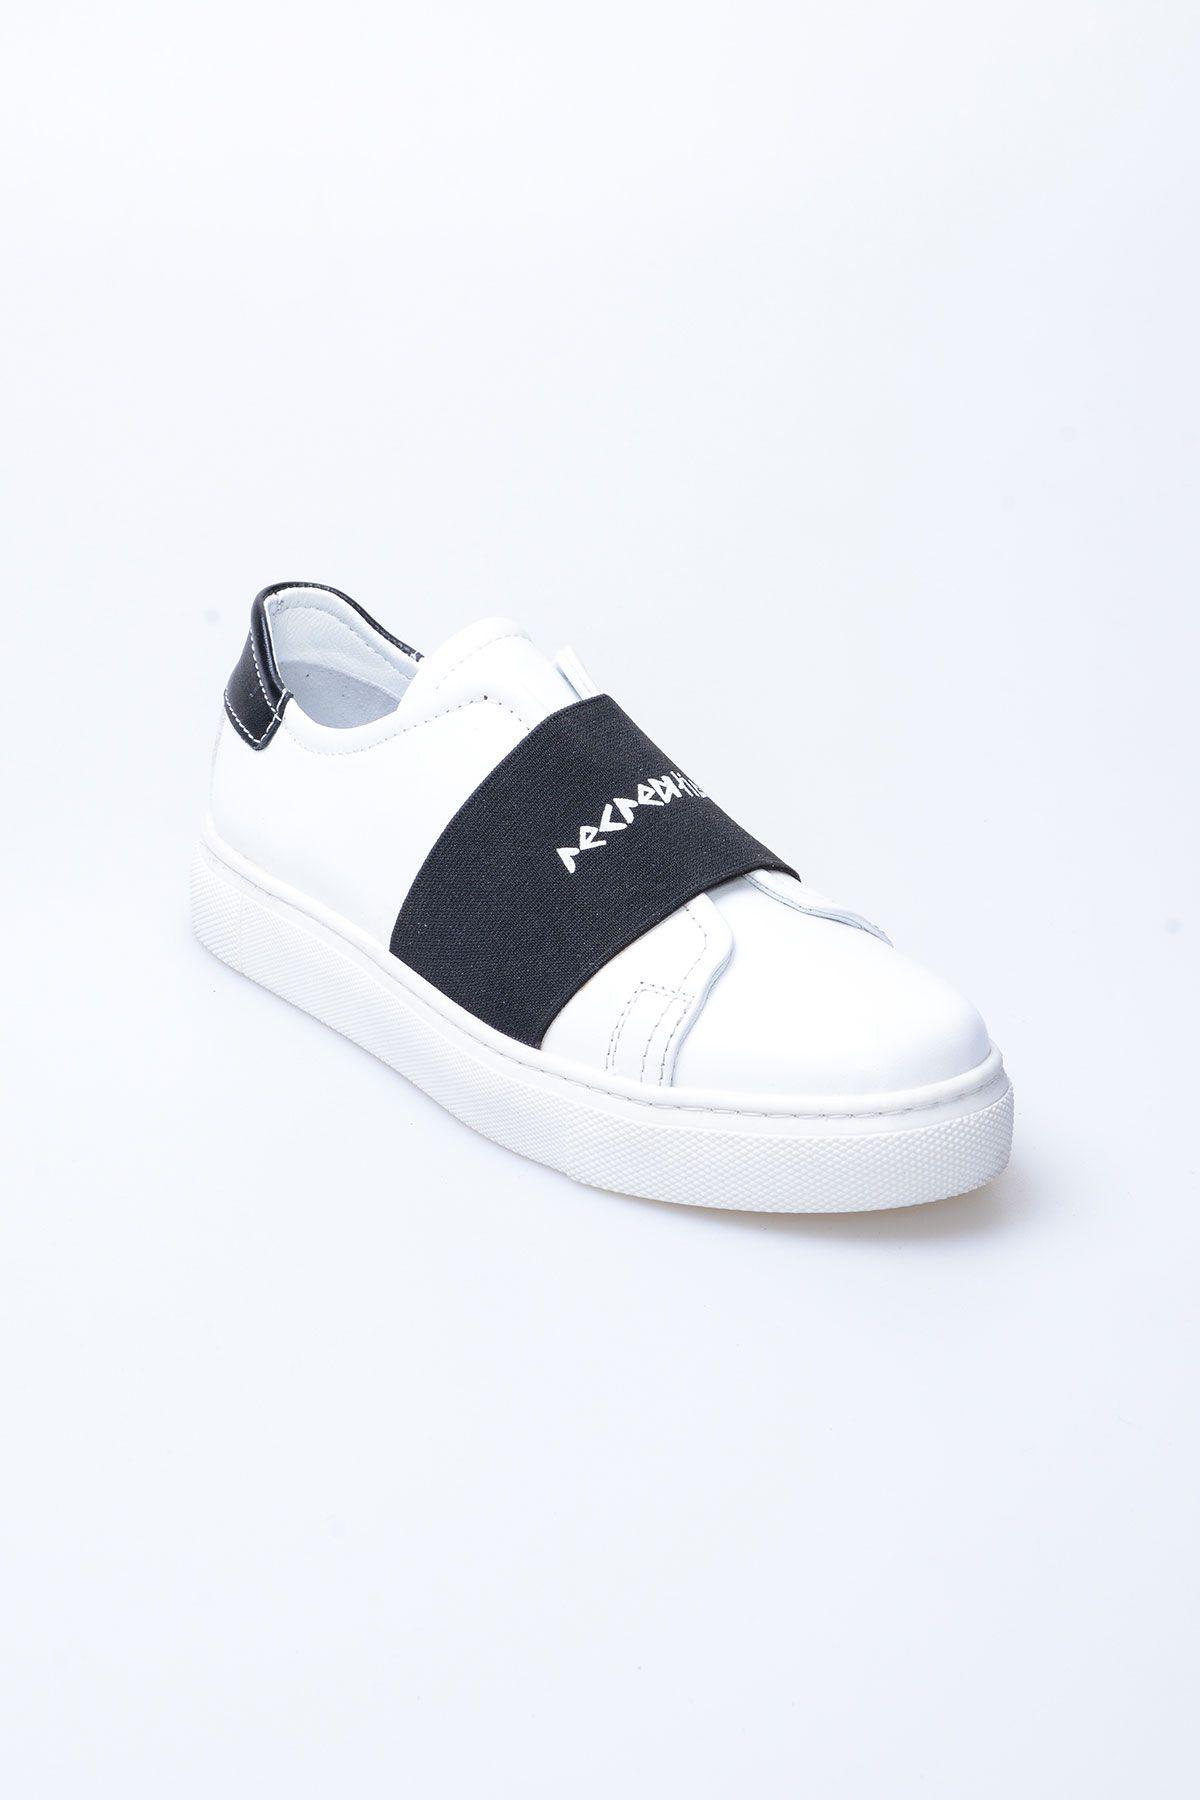 Pegia Recreation Hakiki Deri Bayan Sneaker 19REC101 Siyah